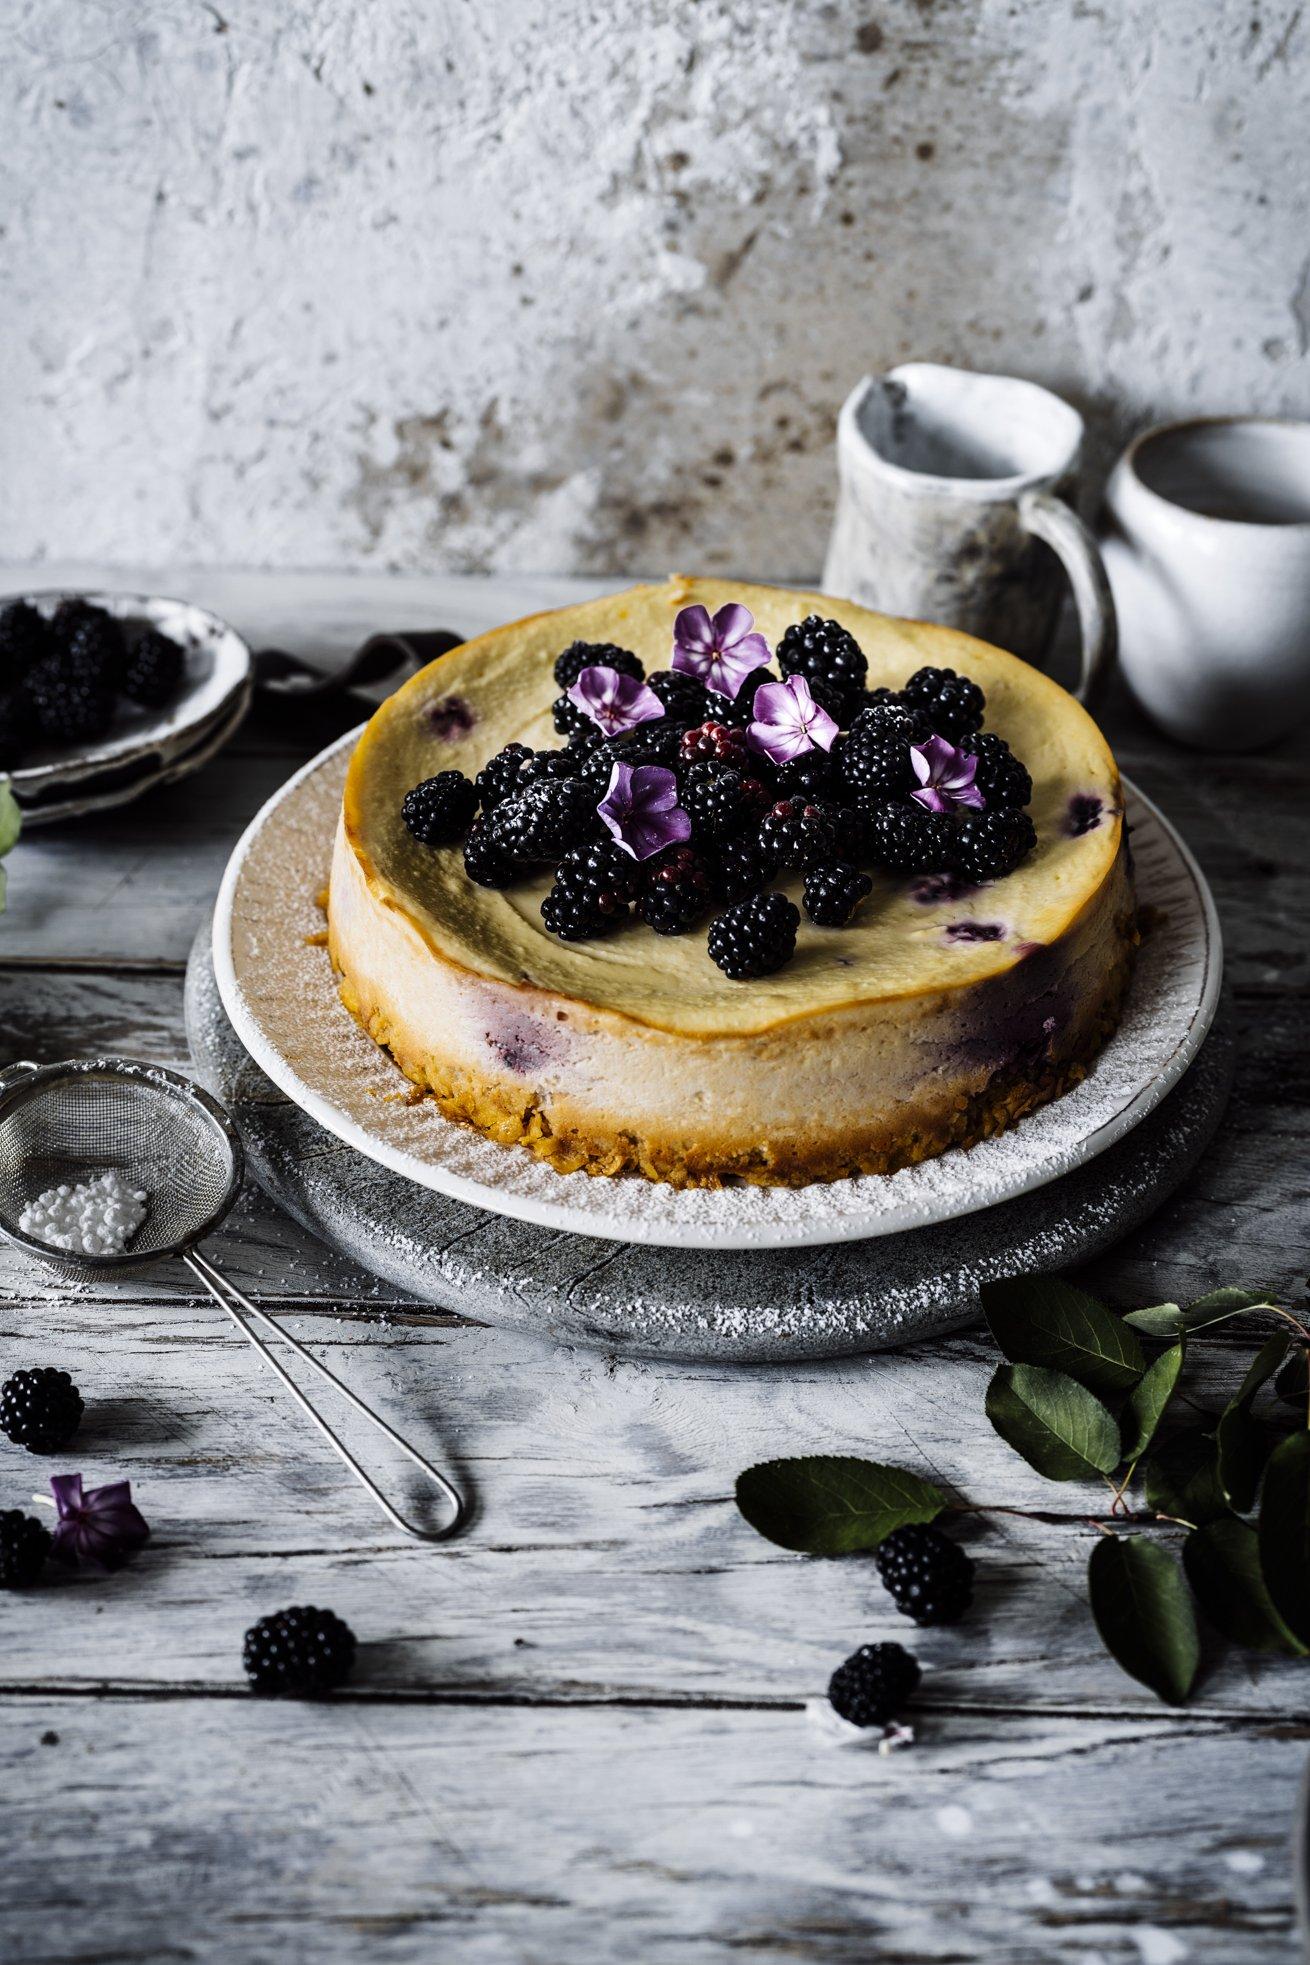 Einfaches Rezept für einen kalorienarmen Cheesecake mit Brombeeren